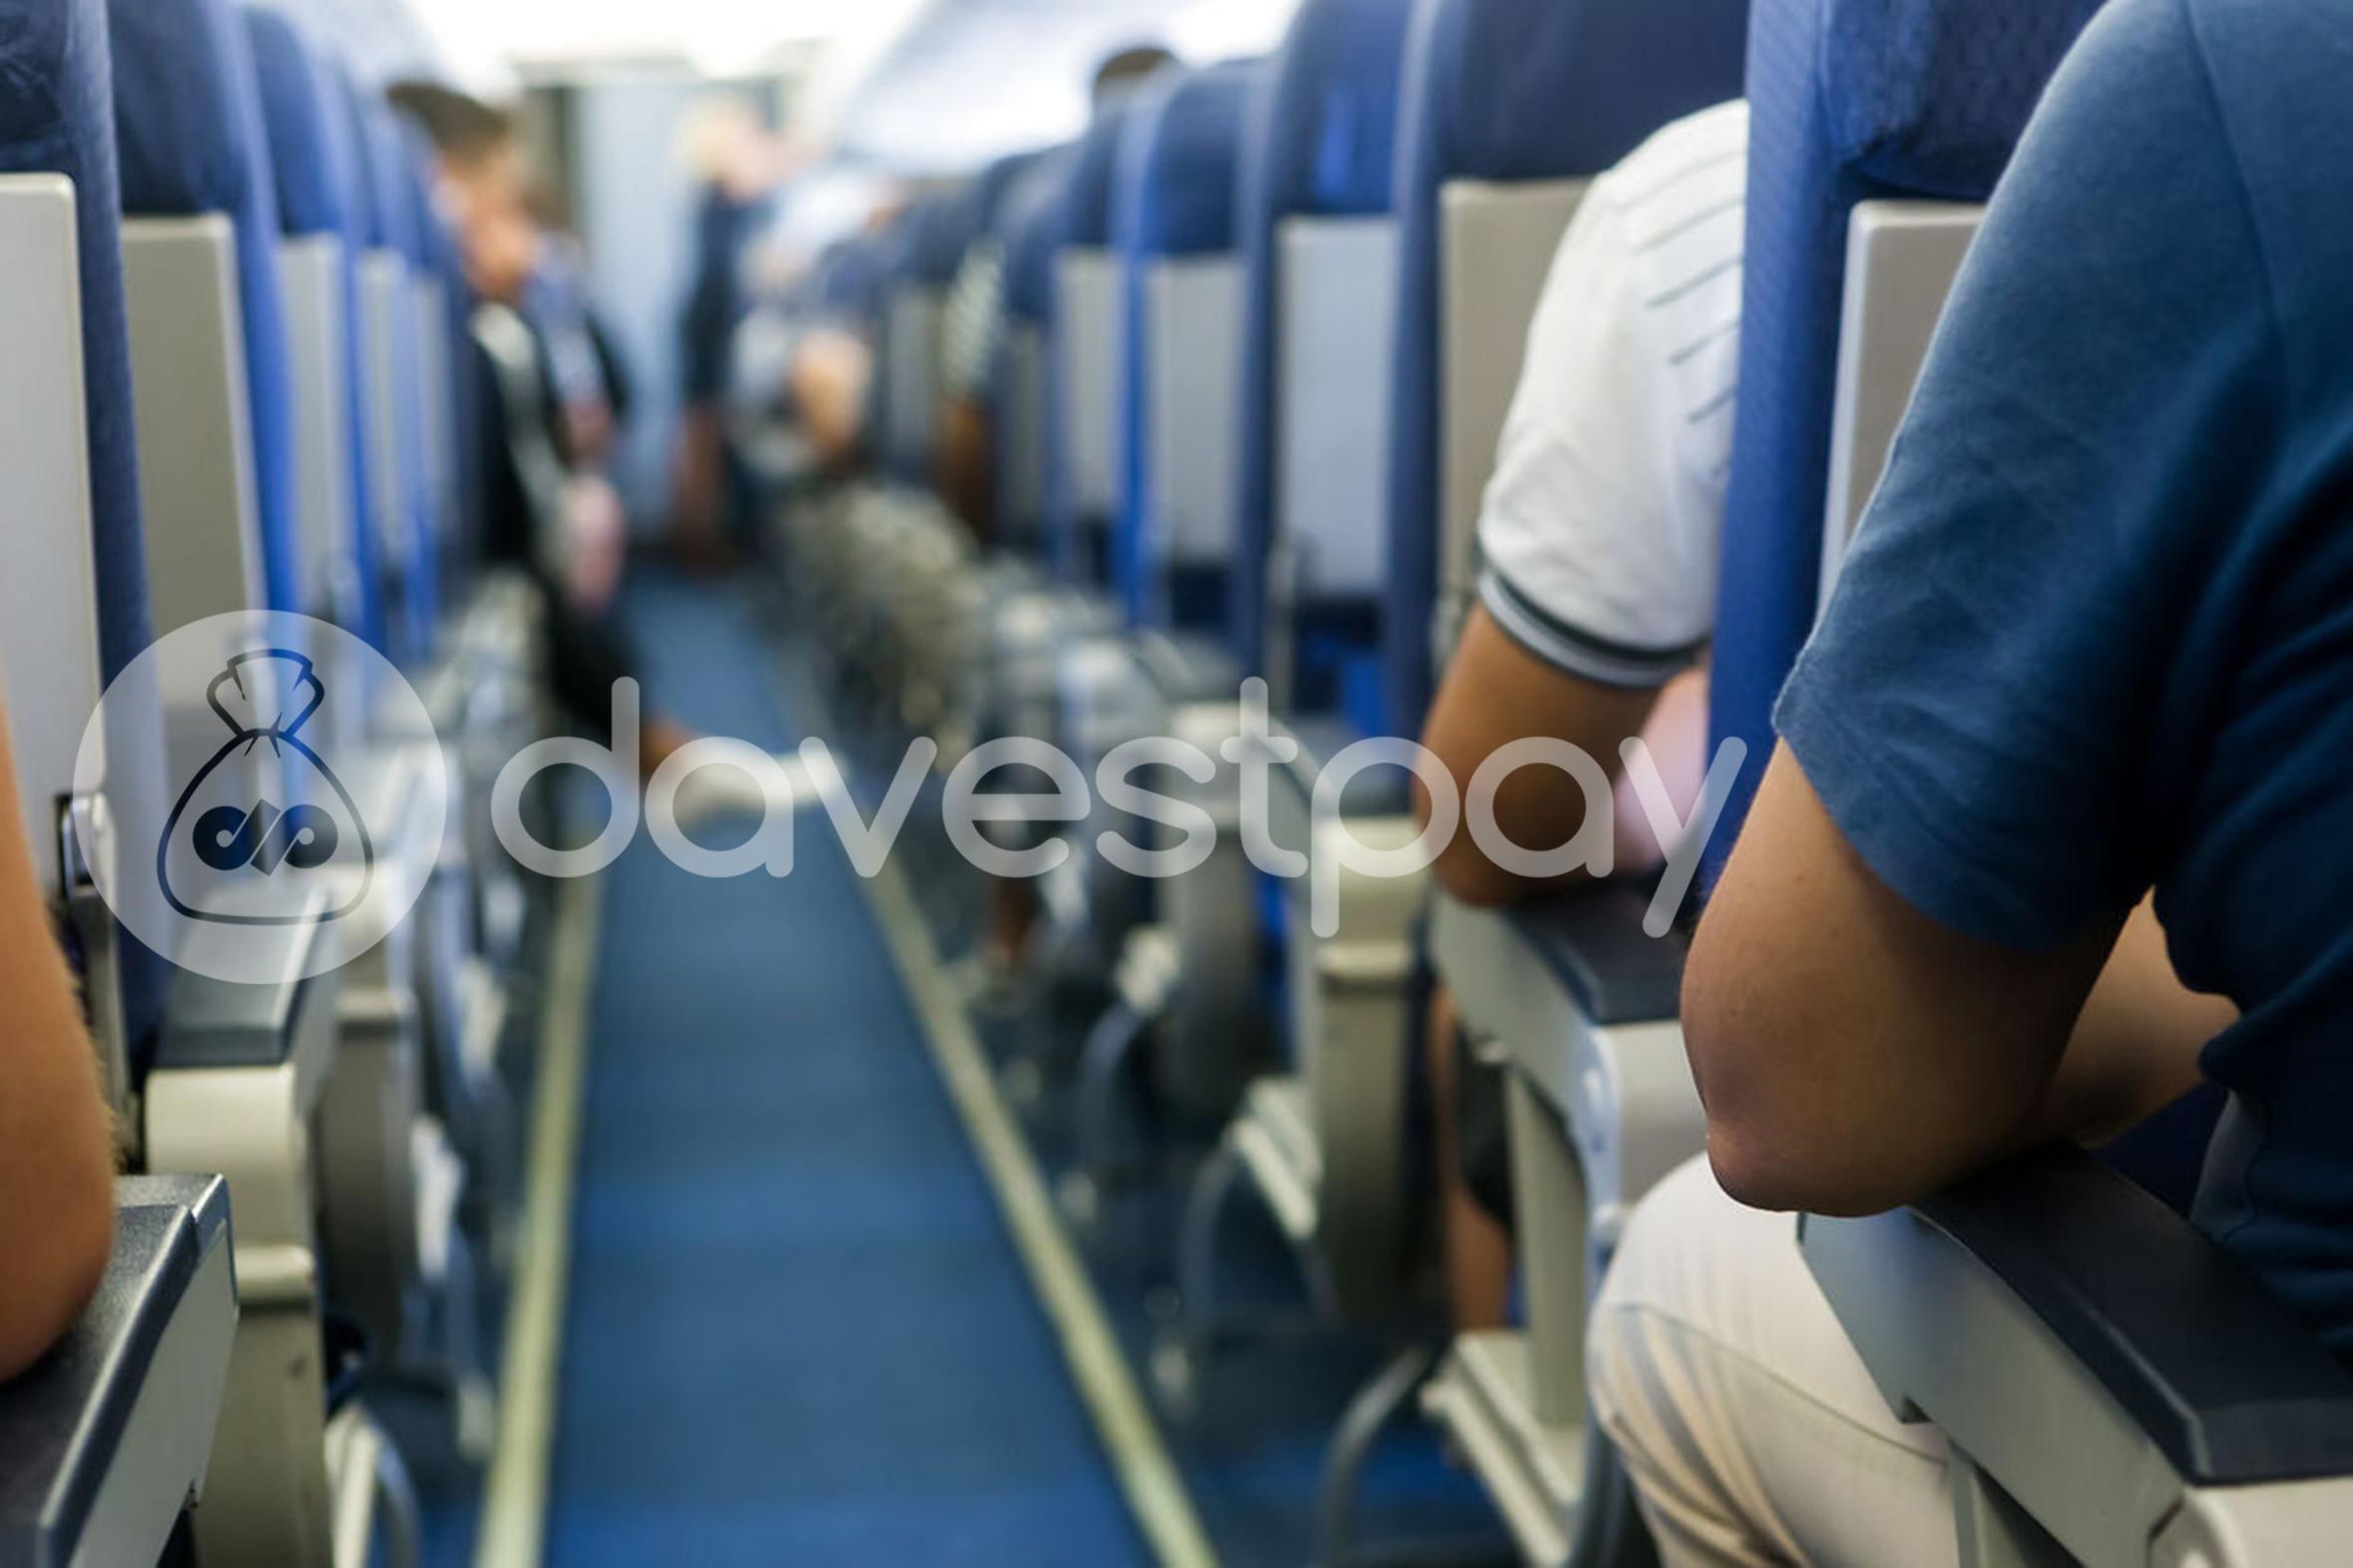 Ingin Cepat Tidur Ketika di Pesawat? Simak Tipsnya!